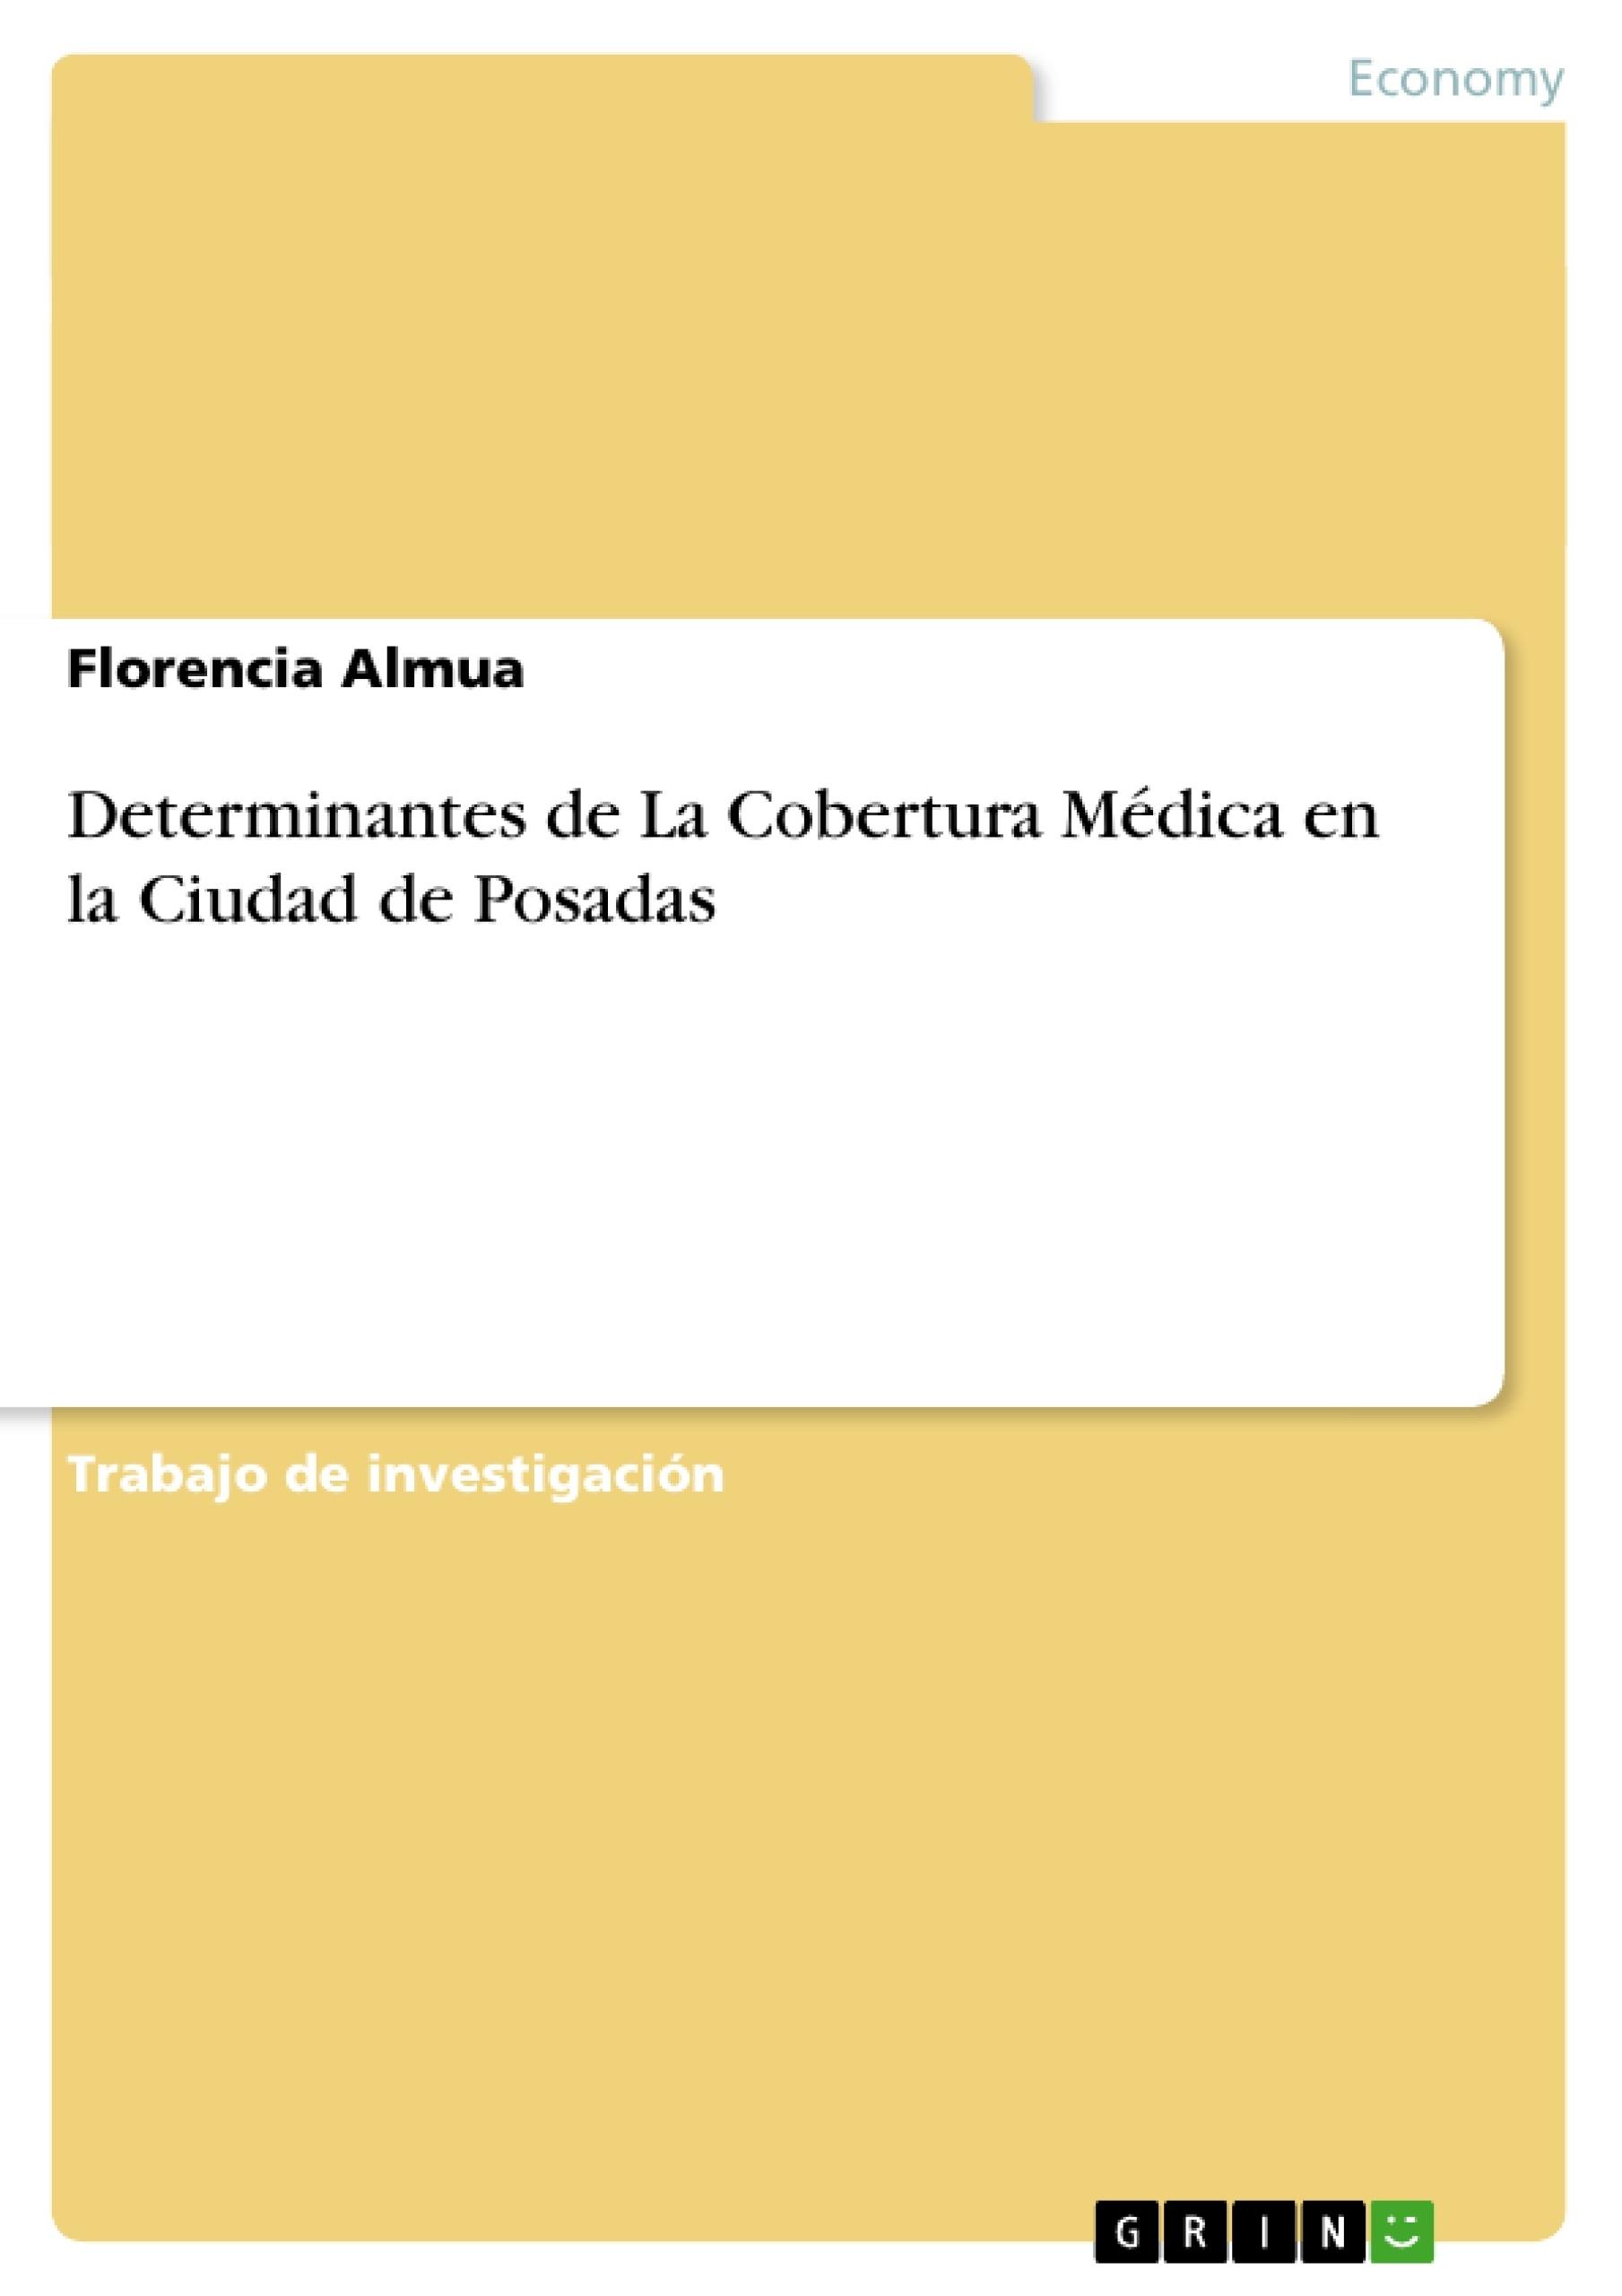 Título: Determinantes de La Cobertura Médica en la Ciudad de Posadas